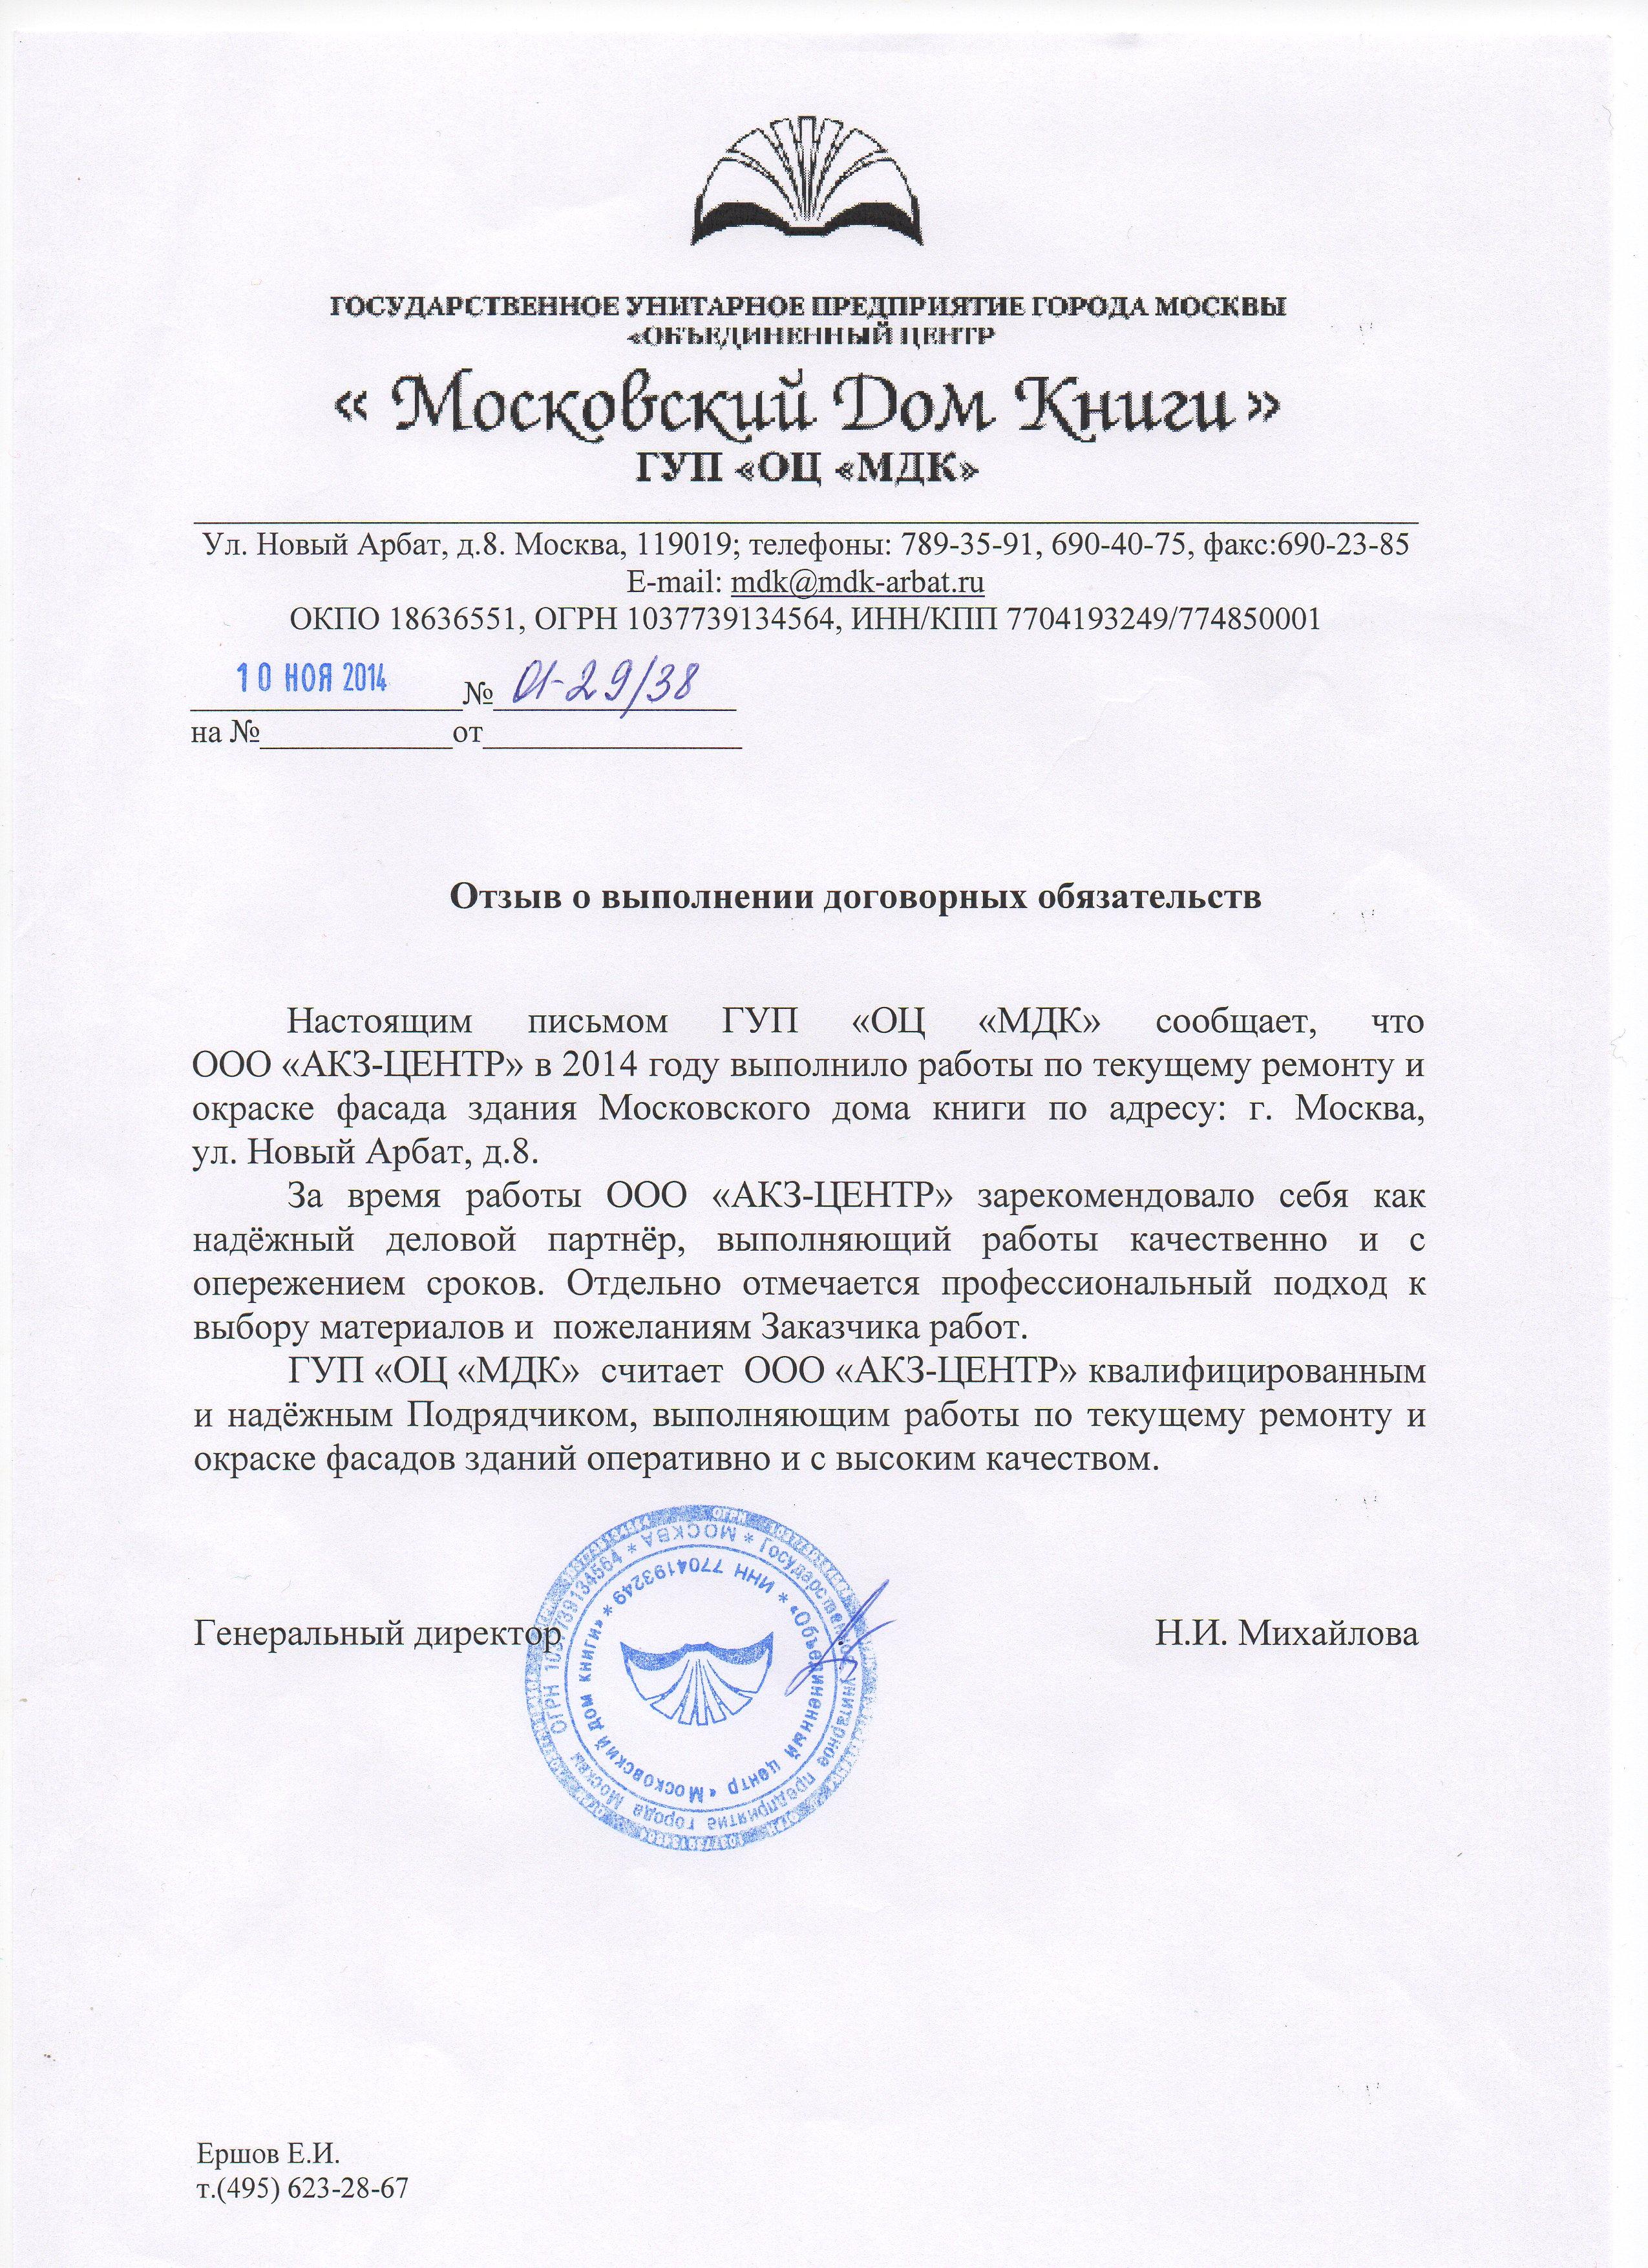 Рекомендательные письма в ООО АКЗ-ЦЕНТР